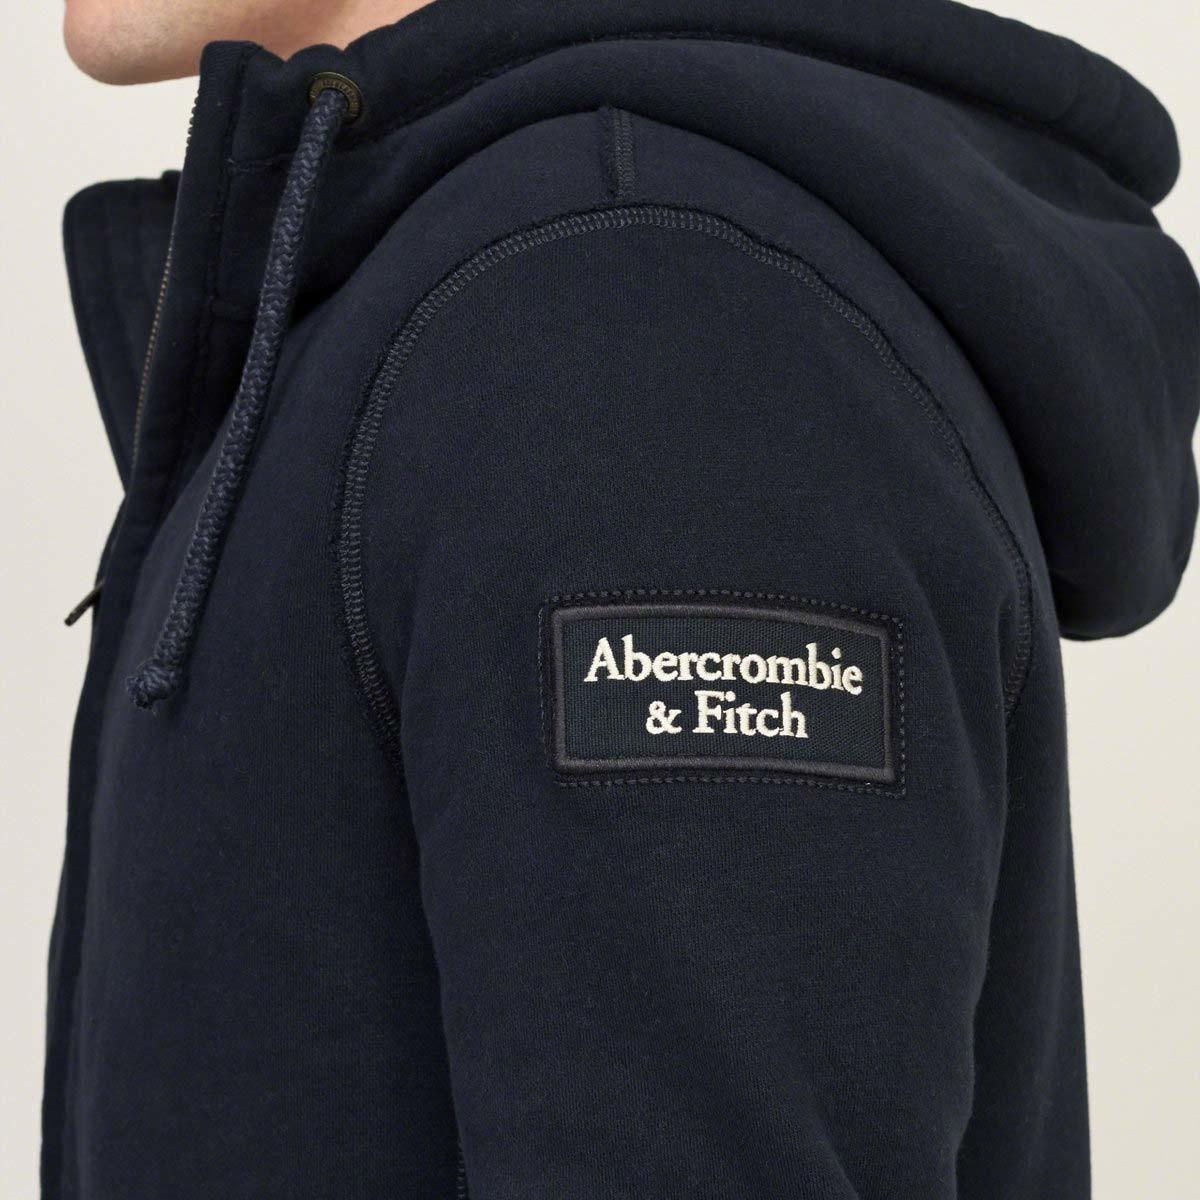 07a3bfcb Мужская толстовка с мехом худи Abercrombie & Fitch